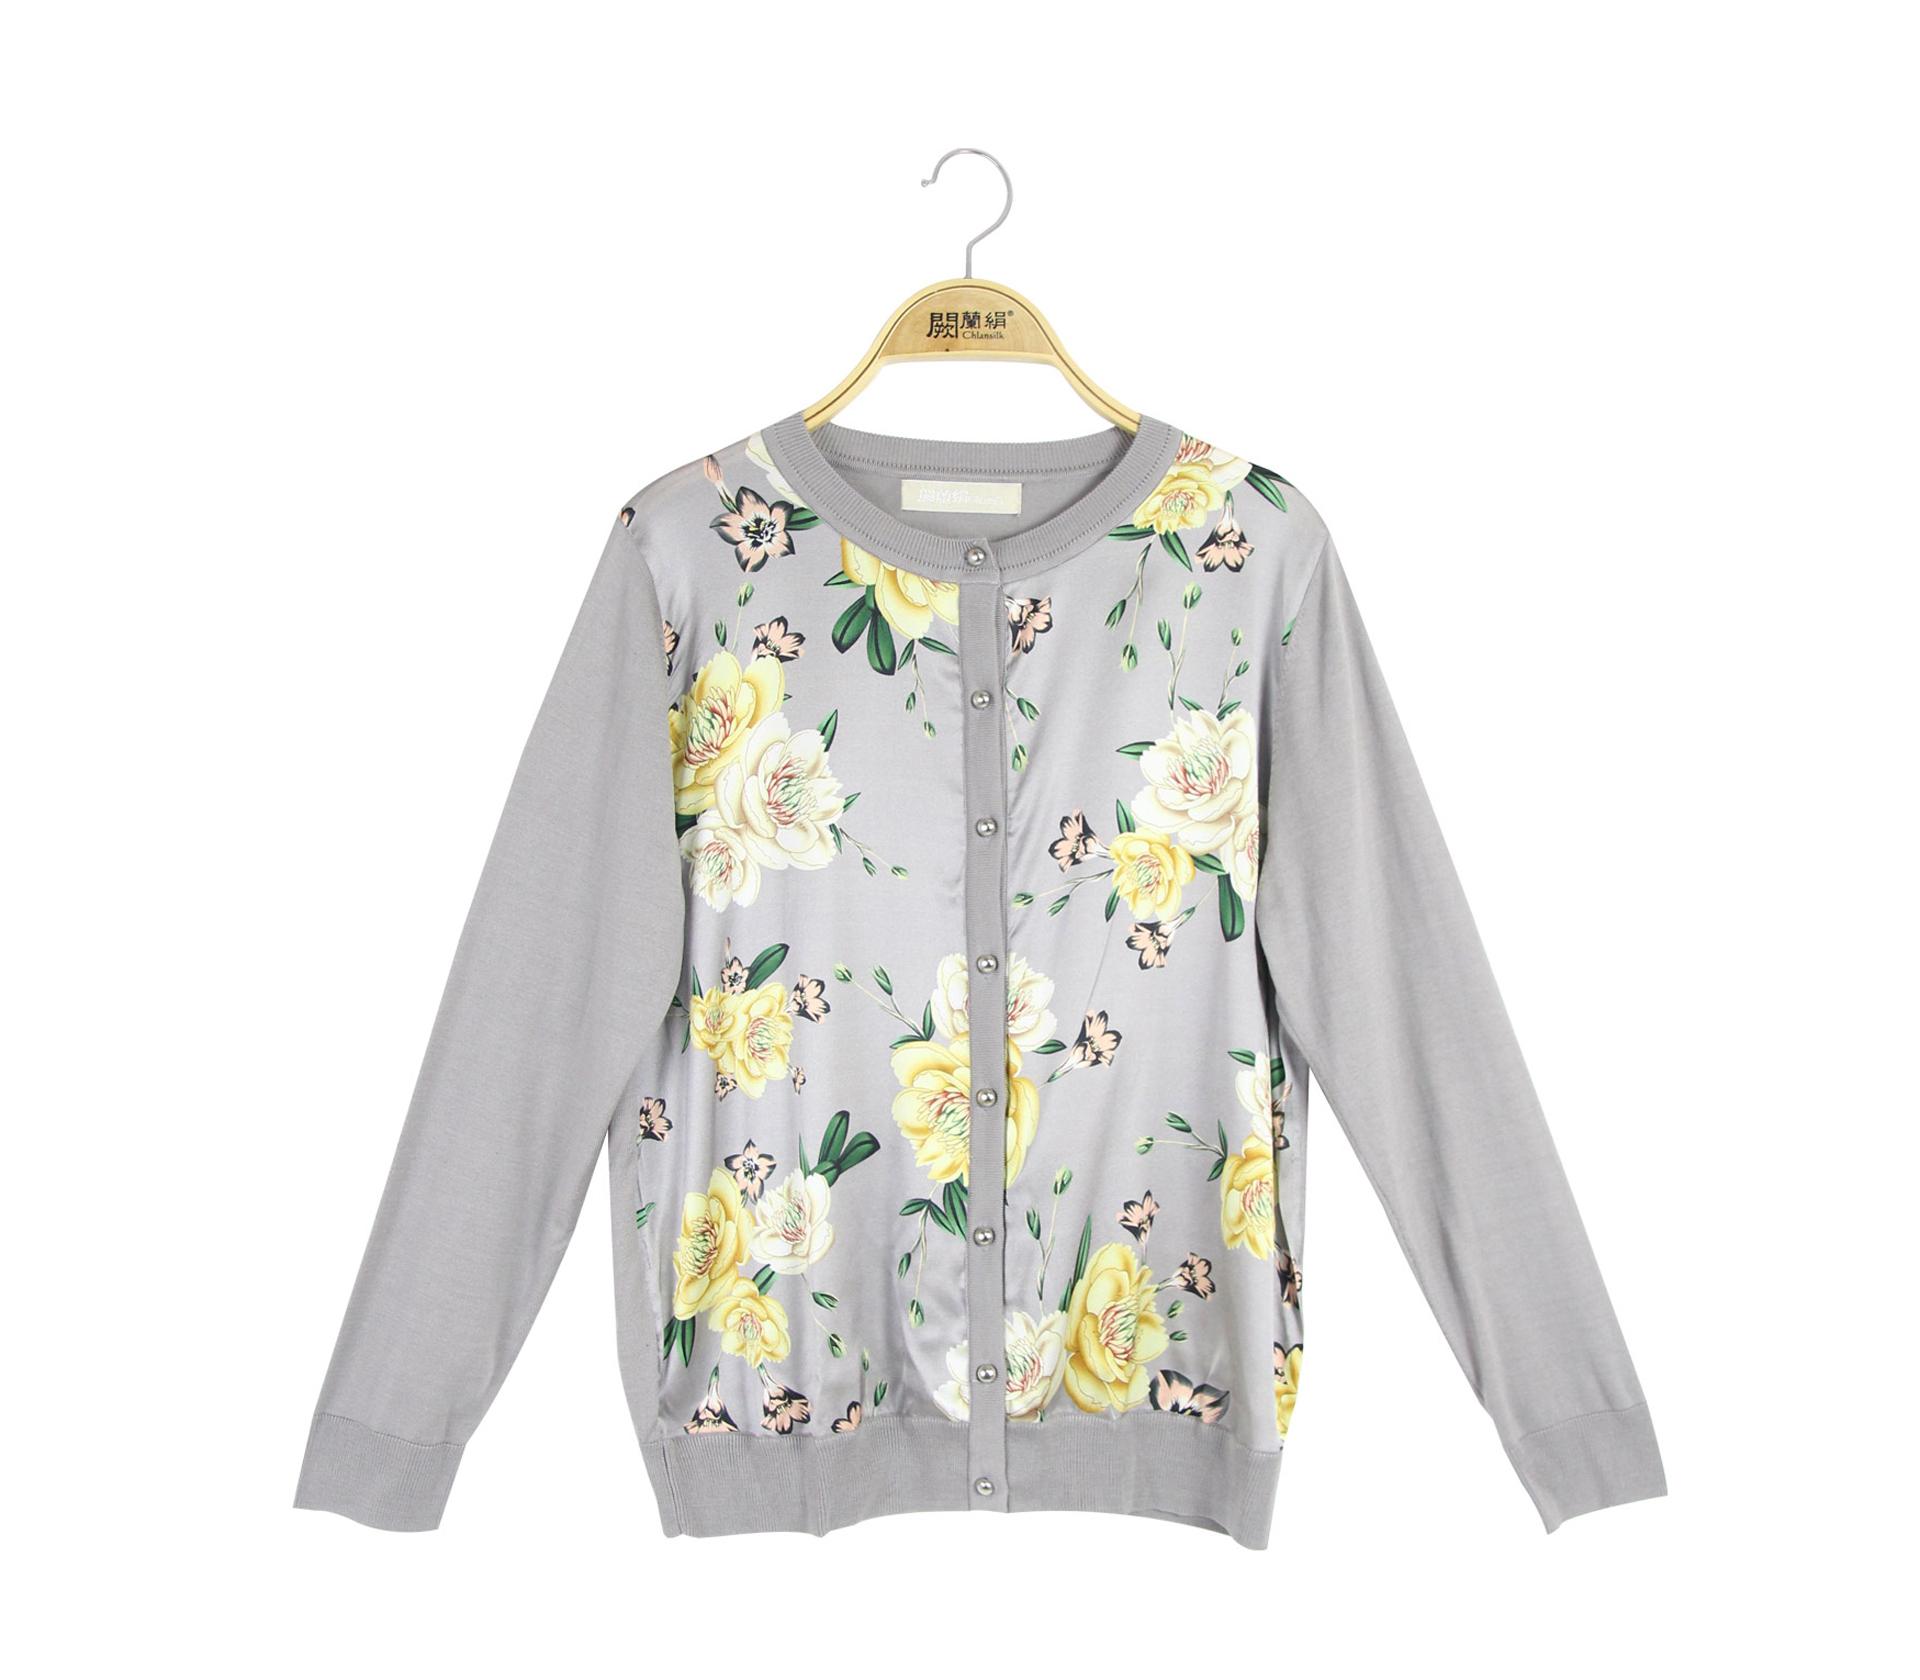 闕蘭絹拼接滑布鎖鏈花朵蠶絲針織長袖外套 - 灰色 - 6328